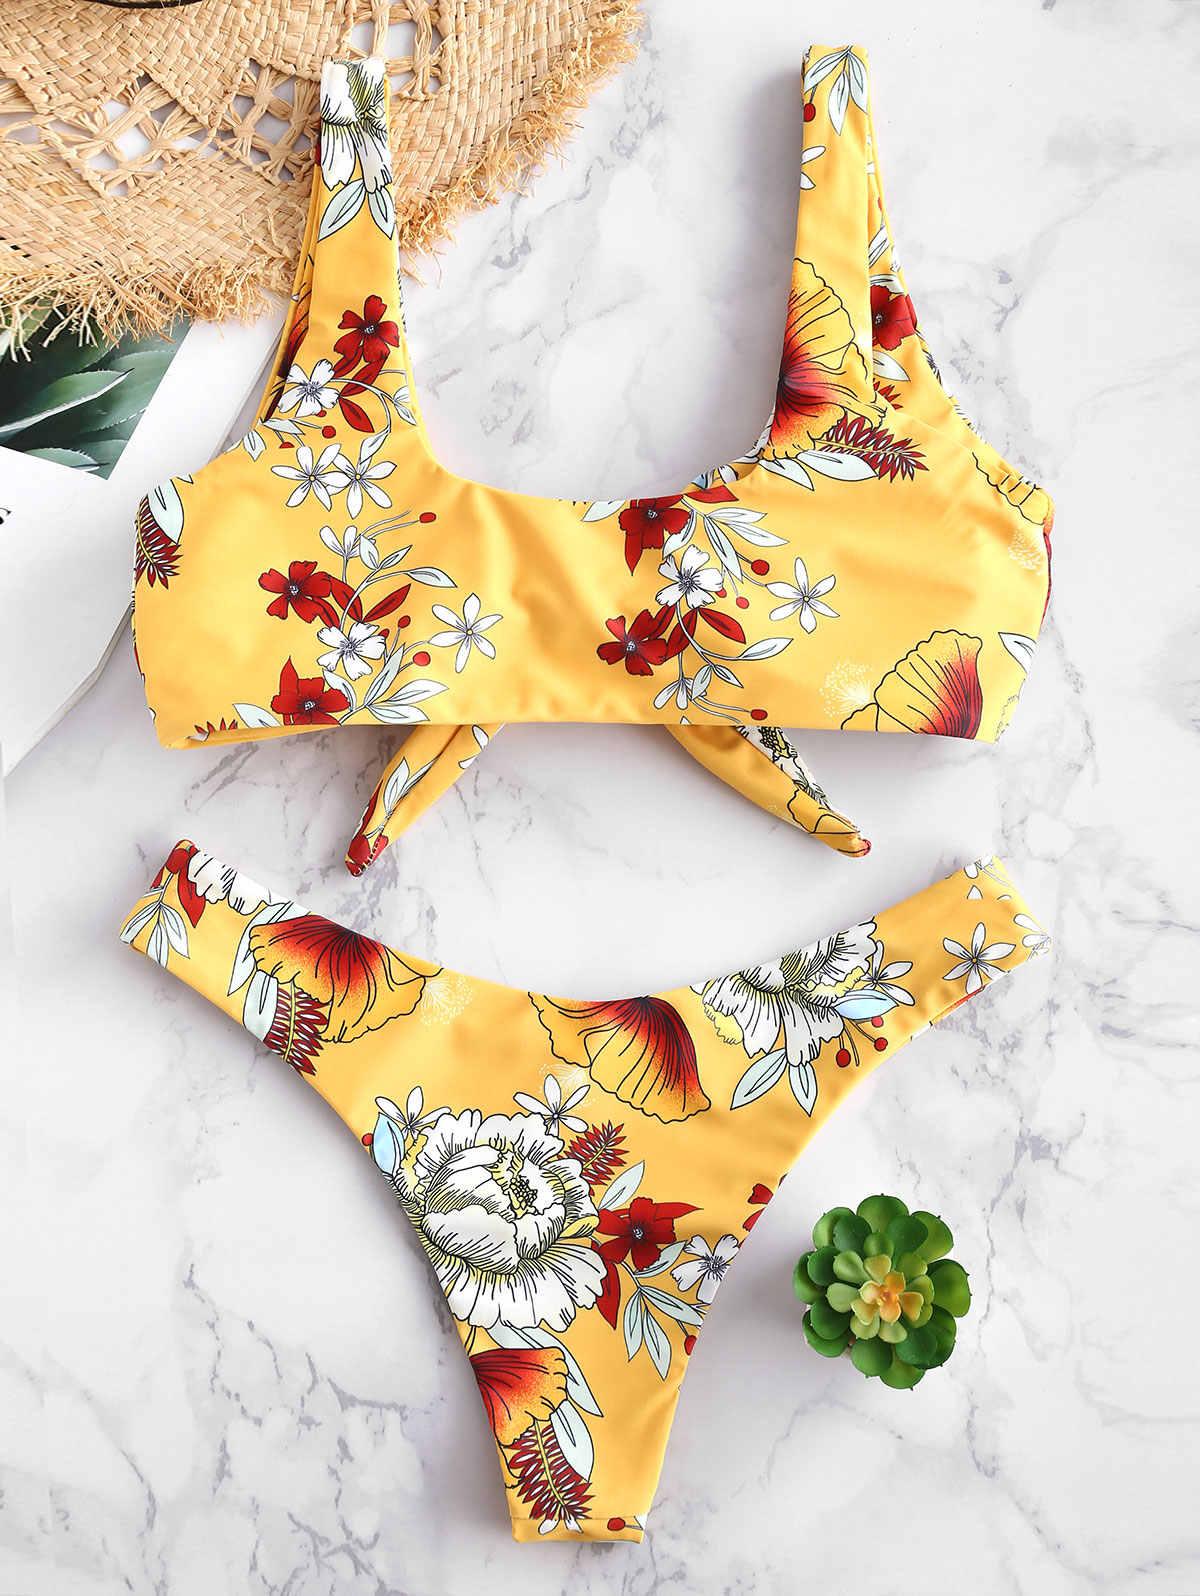 ZAFUL damski strój kąpielowy Sexy Bikini strój kąpielowy Sexy kobiety Bikini zestaw kwiatowy Print wyściełane stroje kąpielowe strój kąpielowy kostiumy kąpielowe